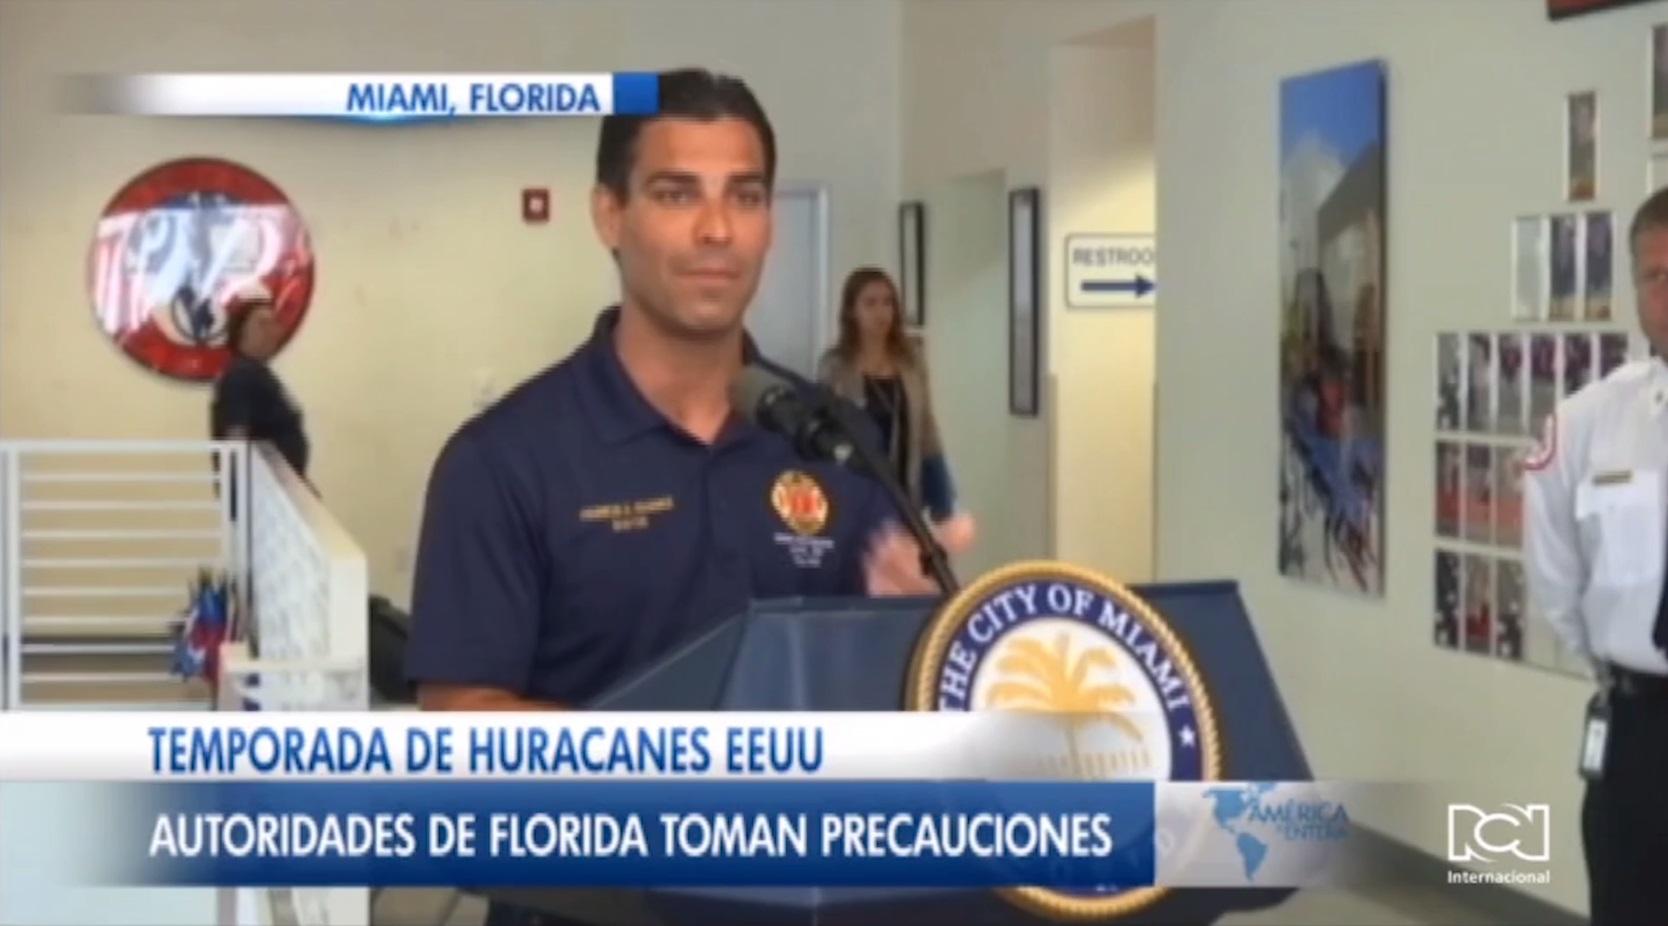 temporada-de-huracanes-en-miami.jpg